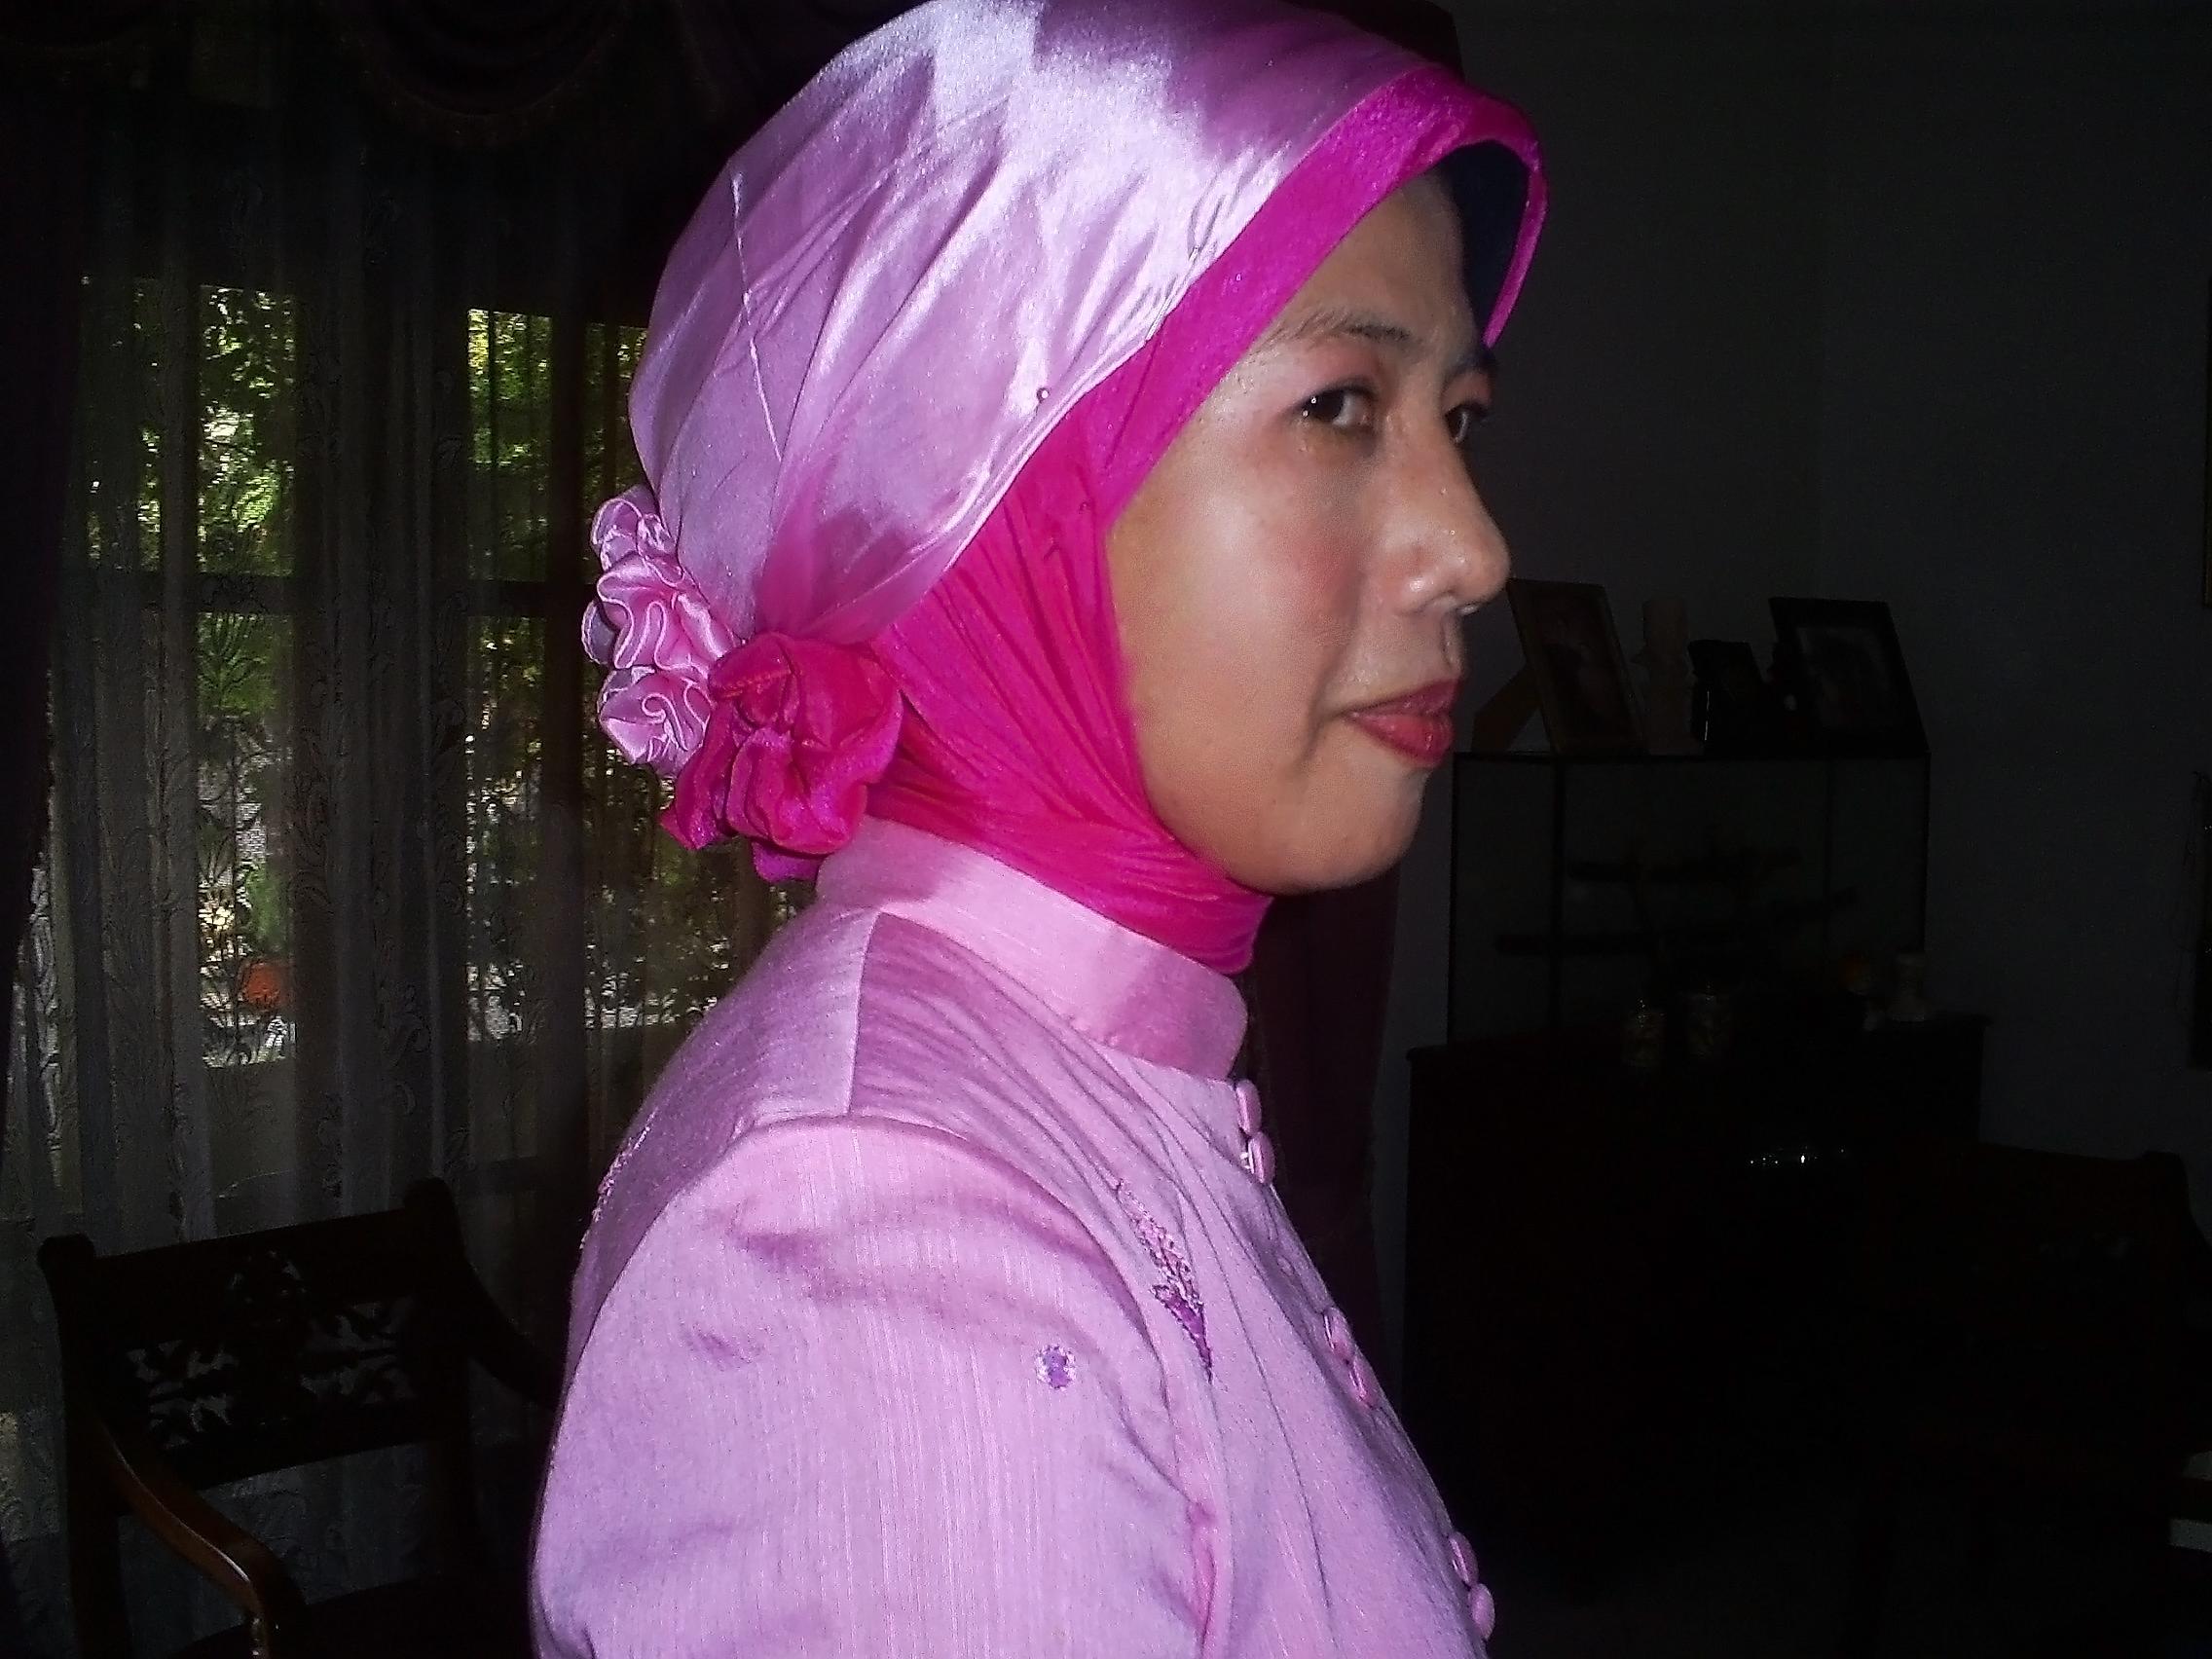 Jilbab Sanggul 1 Jilbabkoe S Weblog